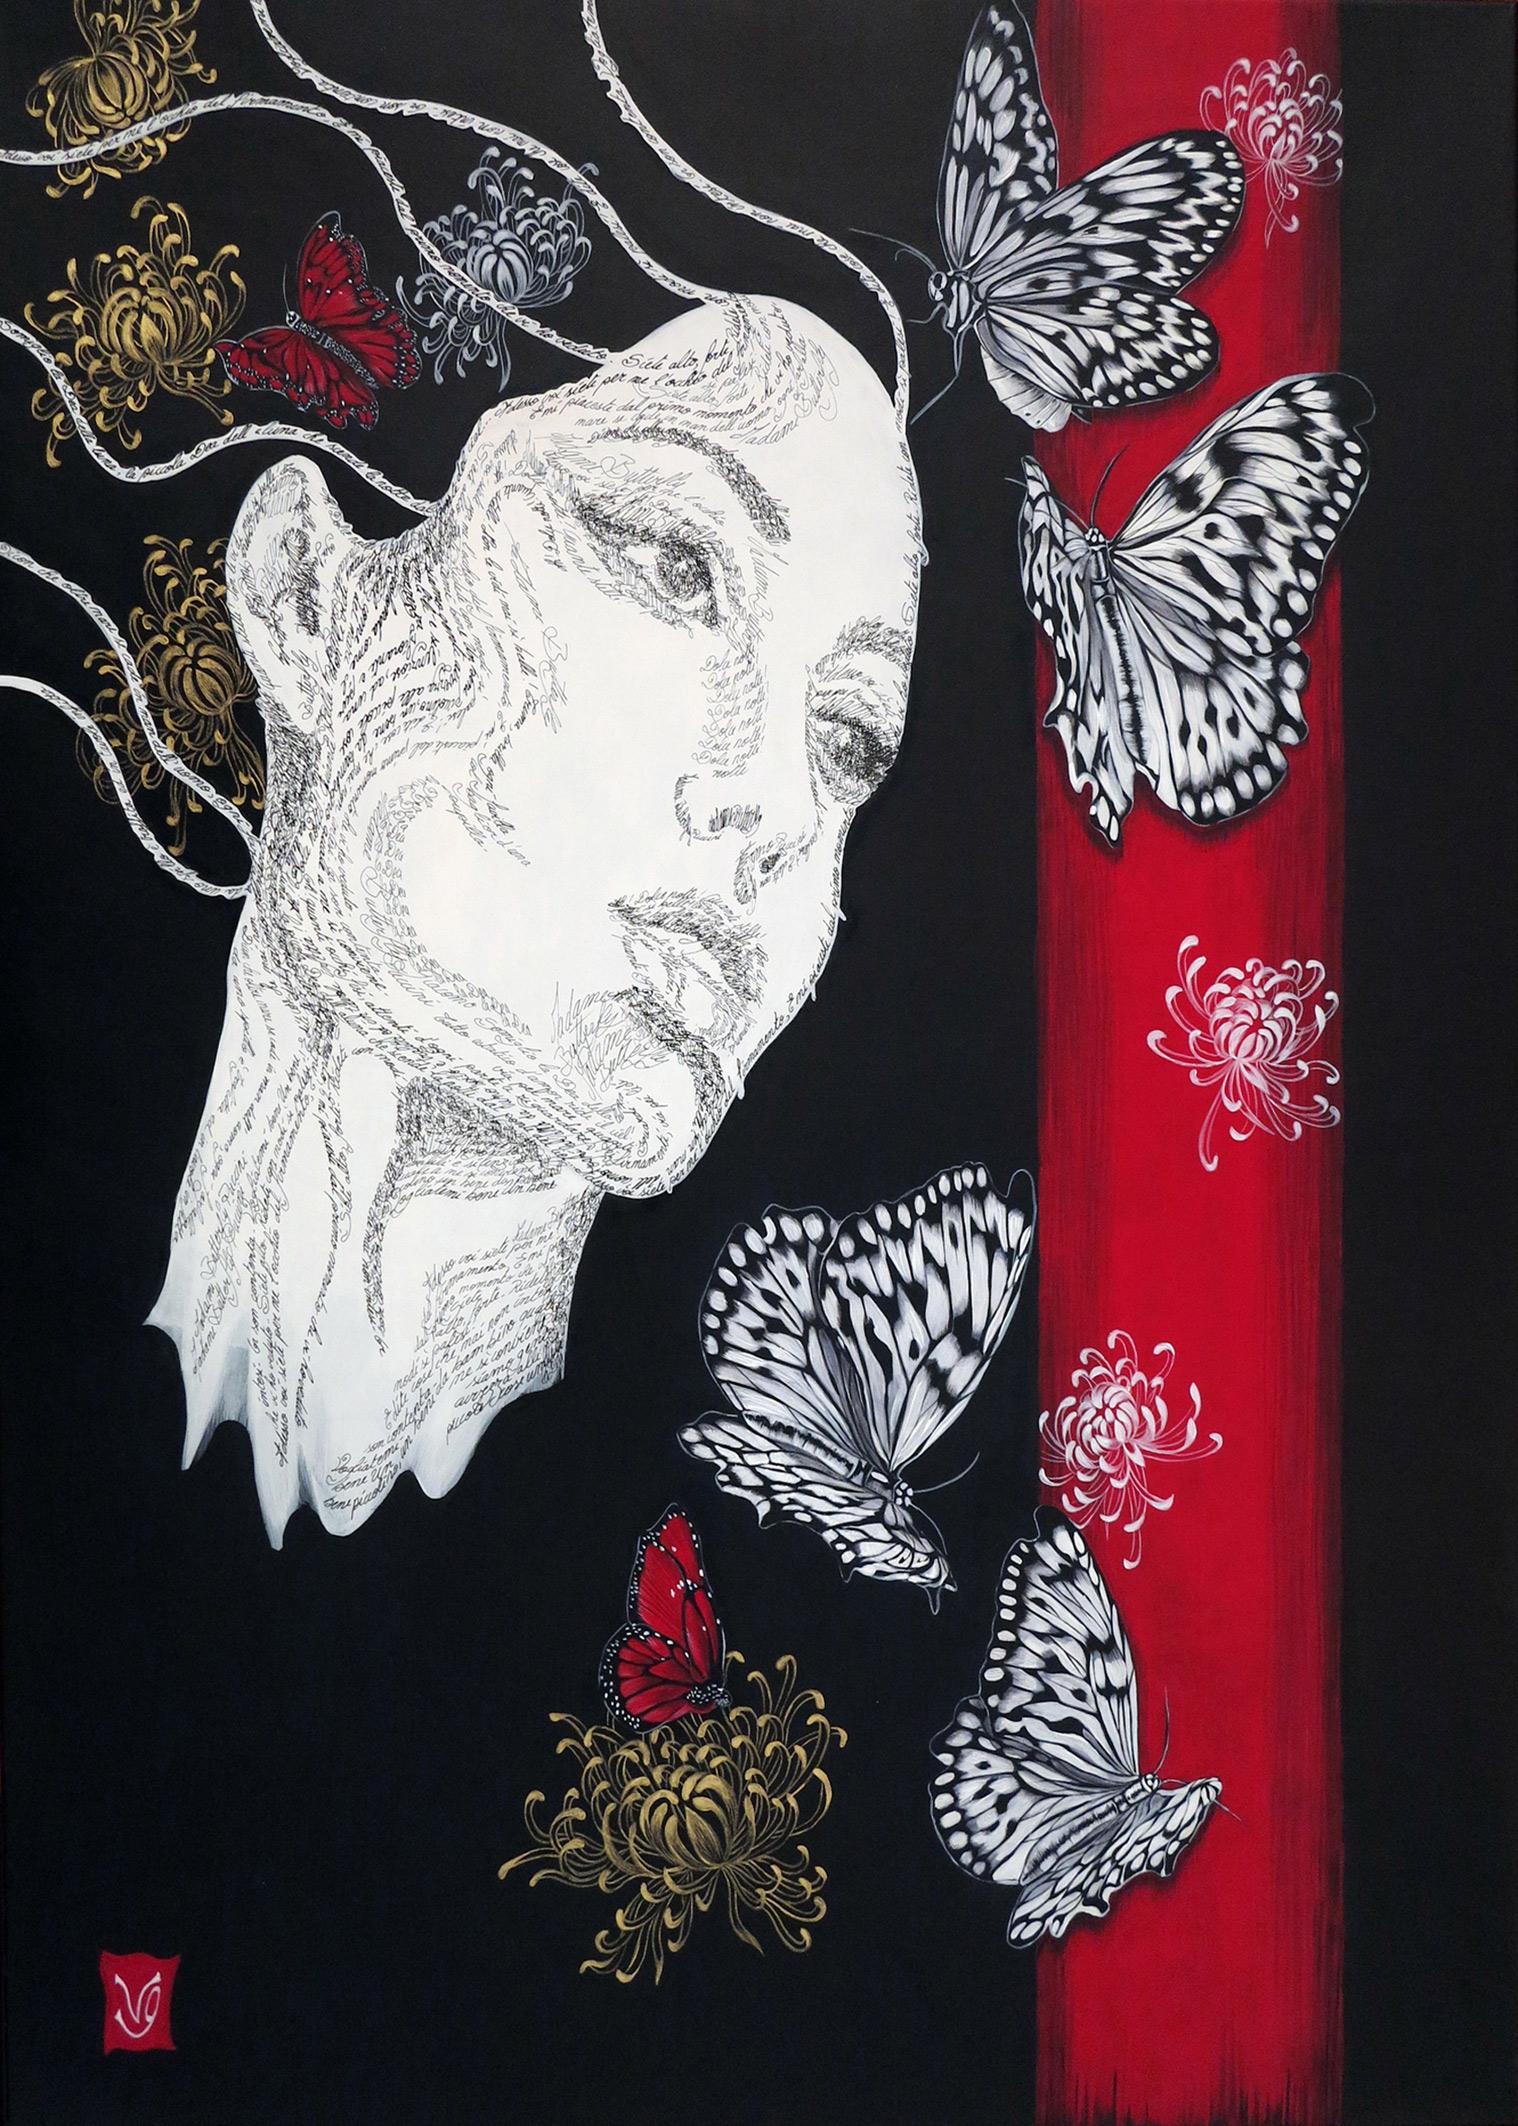 Madame Butterfly Acrylique et calligraphie d'après le livret de Puccini, 80 x 60 cm Valerie Glasson